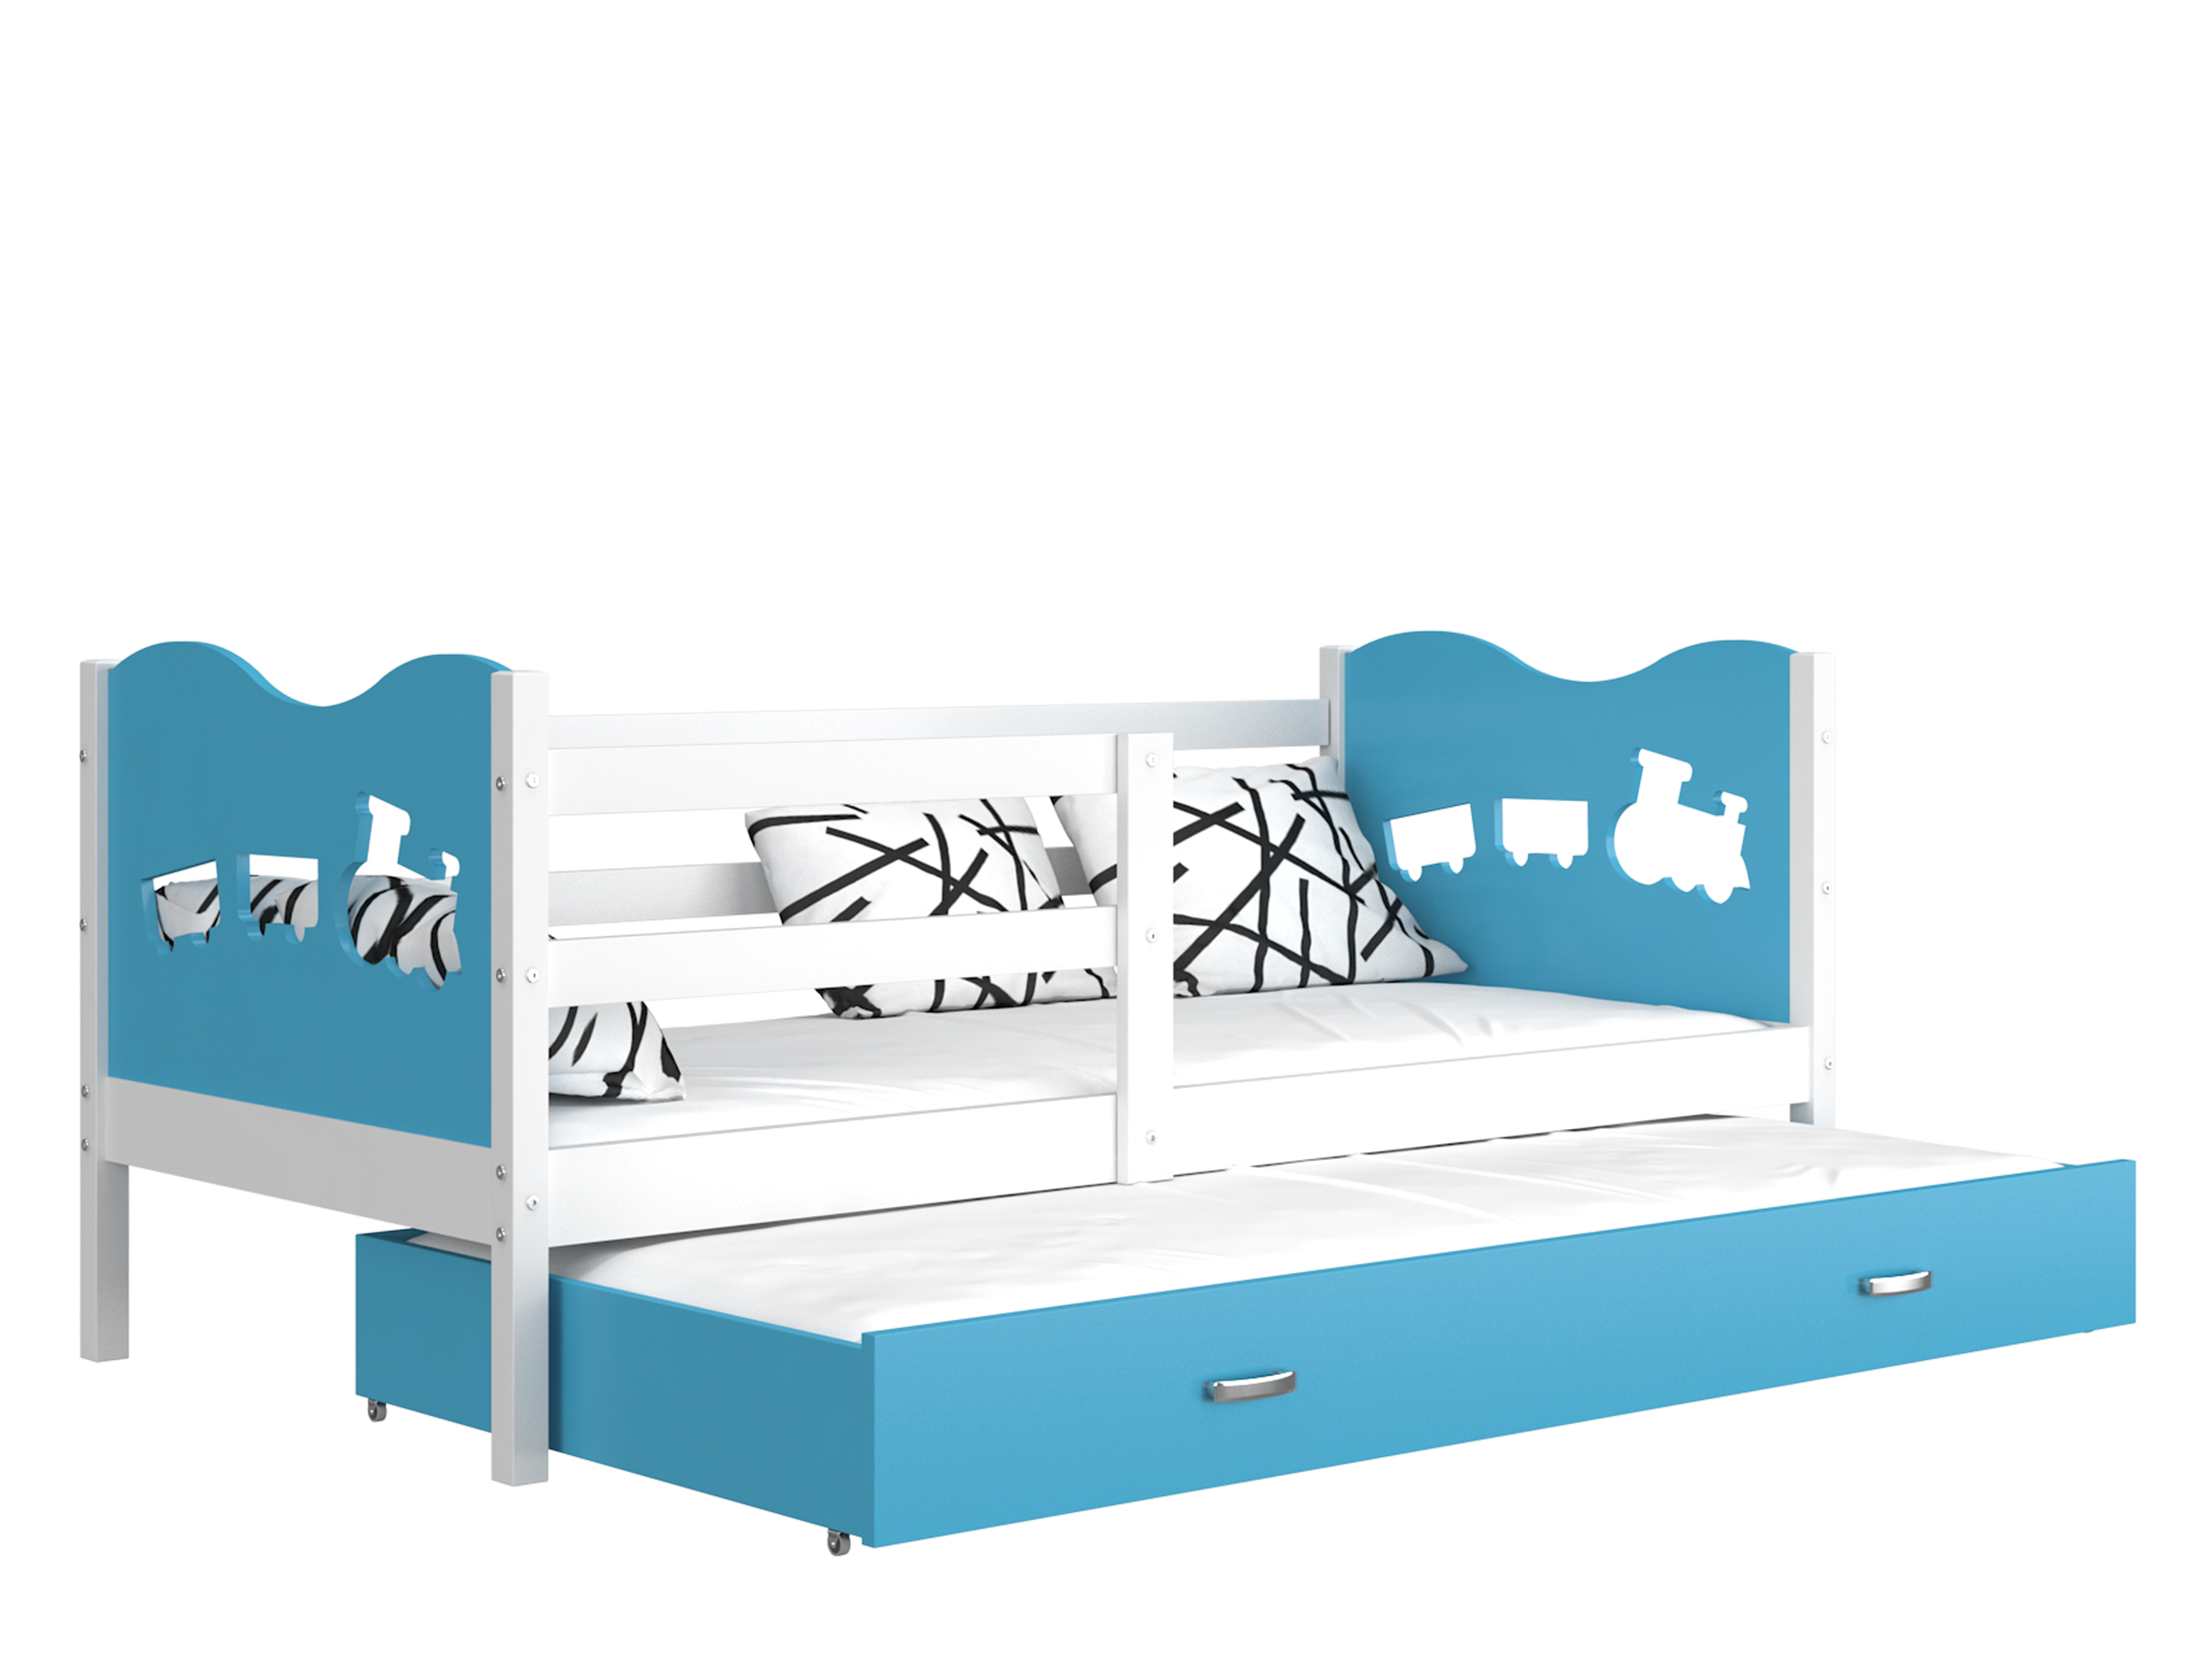 ArtAJ Detská posteľ MAX P2 / MDF 200 x 90 cm Farba: biela / modrá 200 x 90 cm, s matracom